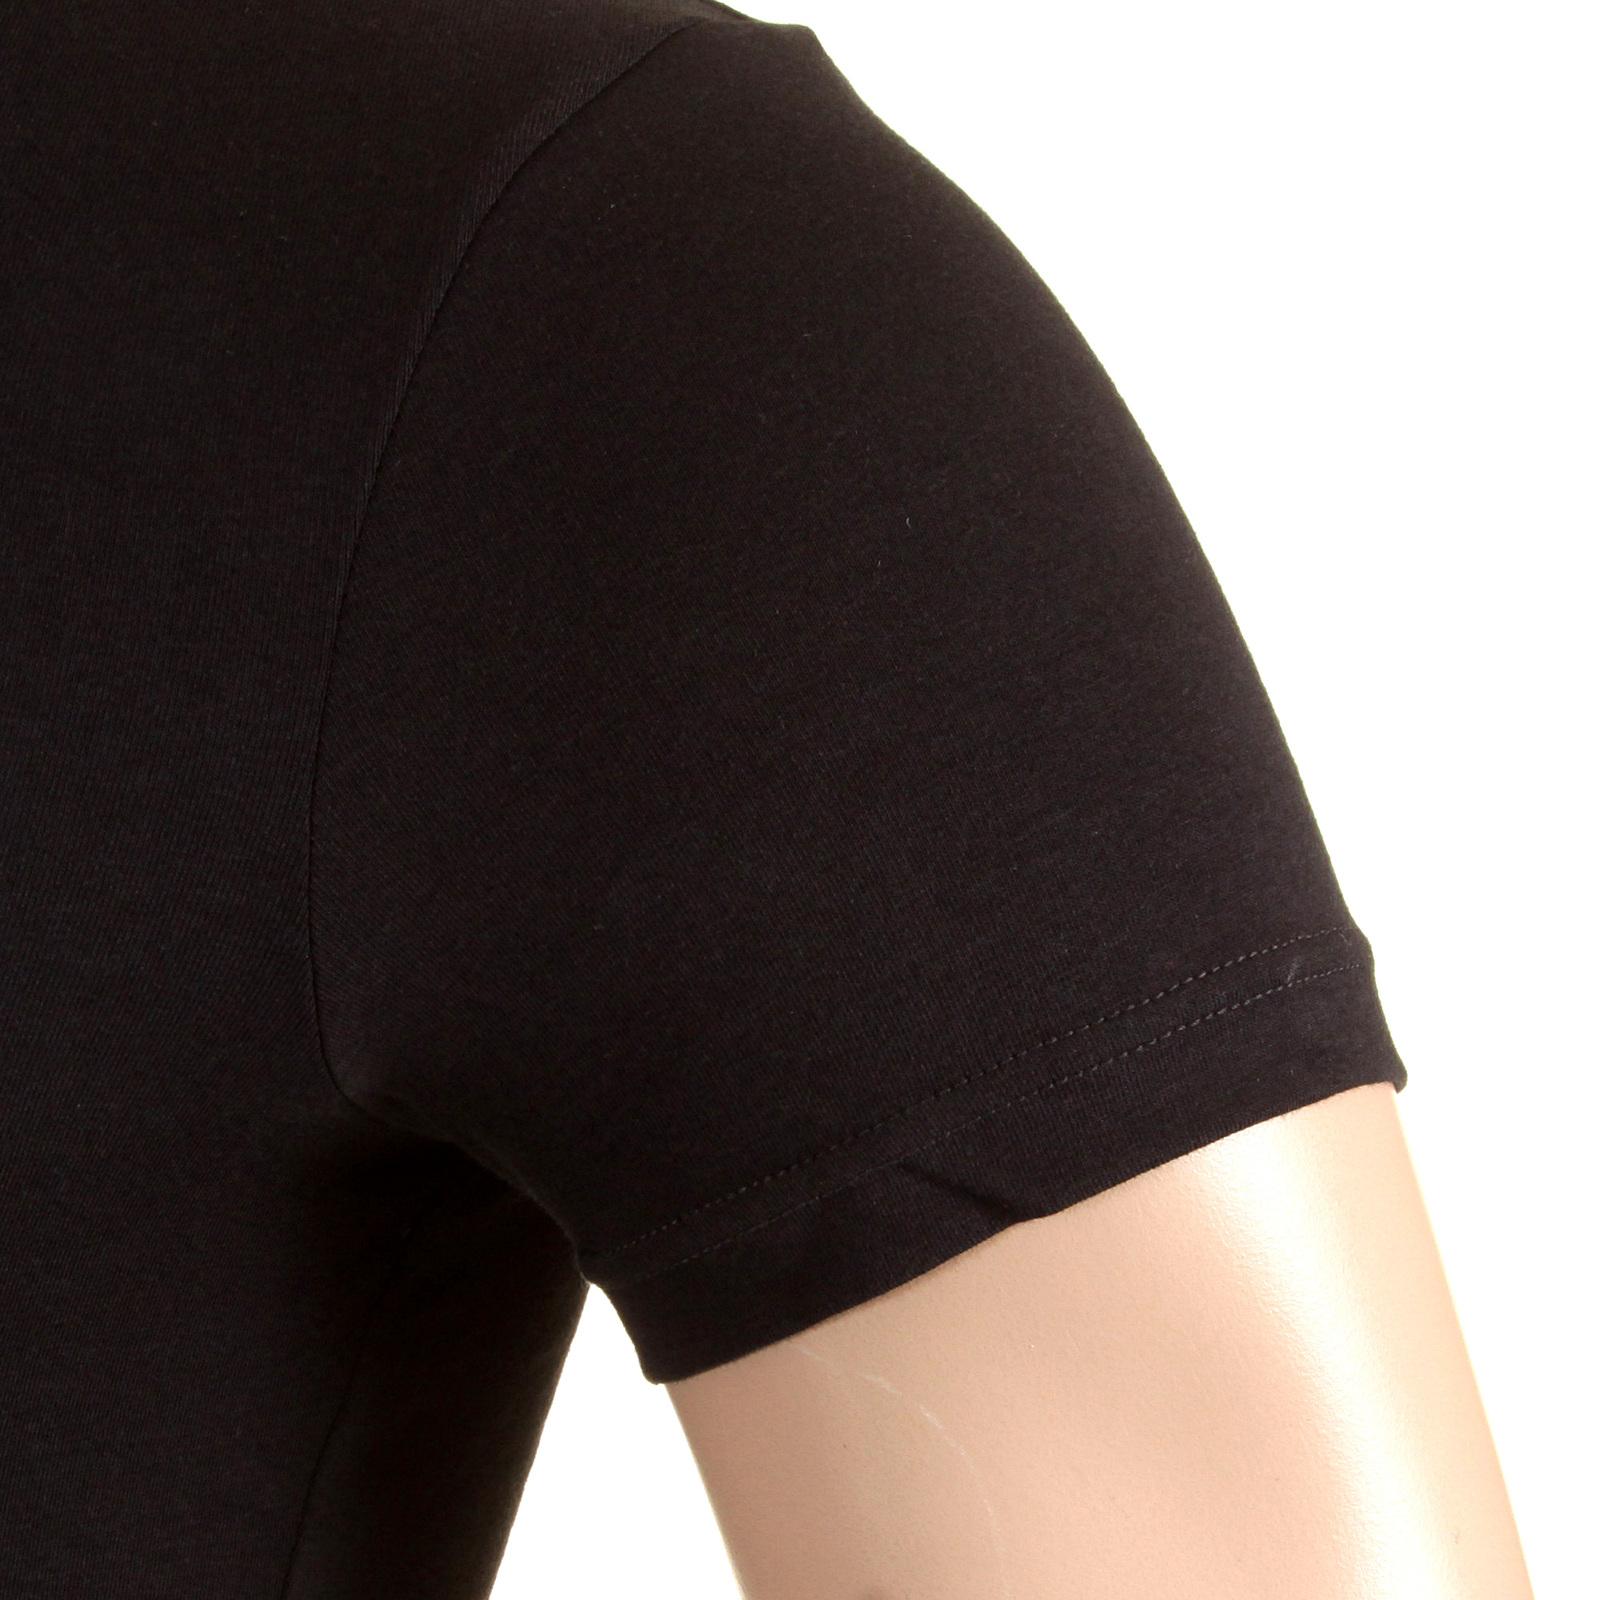 d9ae9ac98ff4b Emporio Armani t shirts black V neck t shirt 110752 CC518 EAM2388 at ...